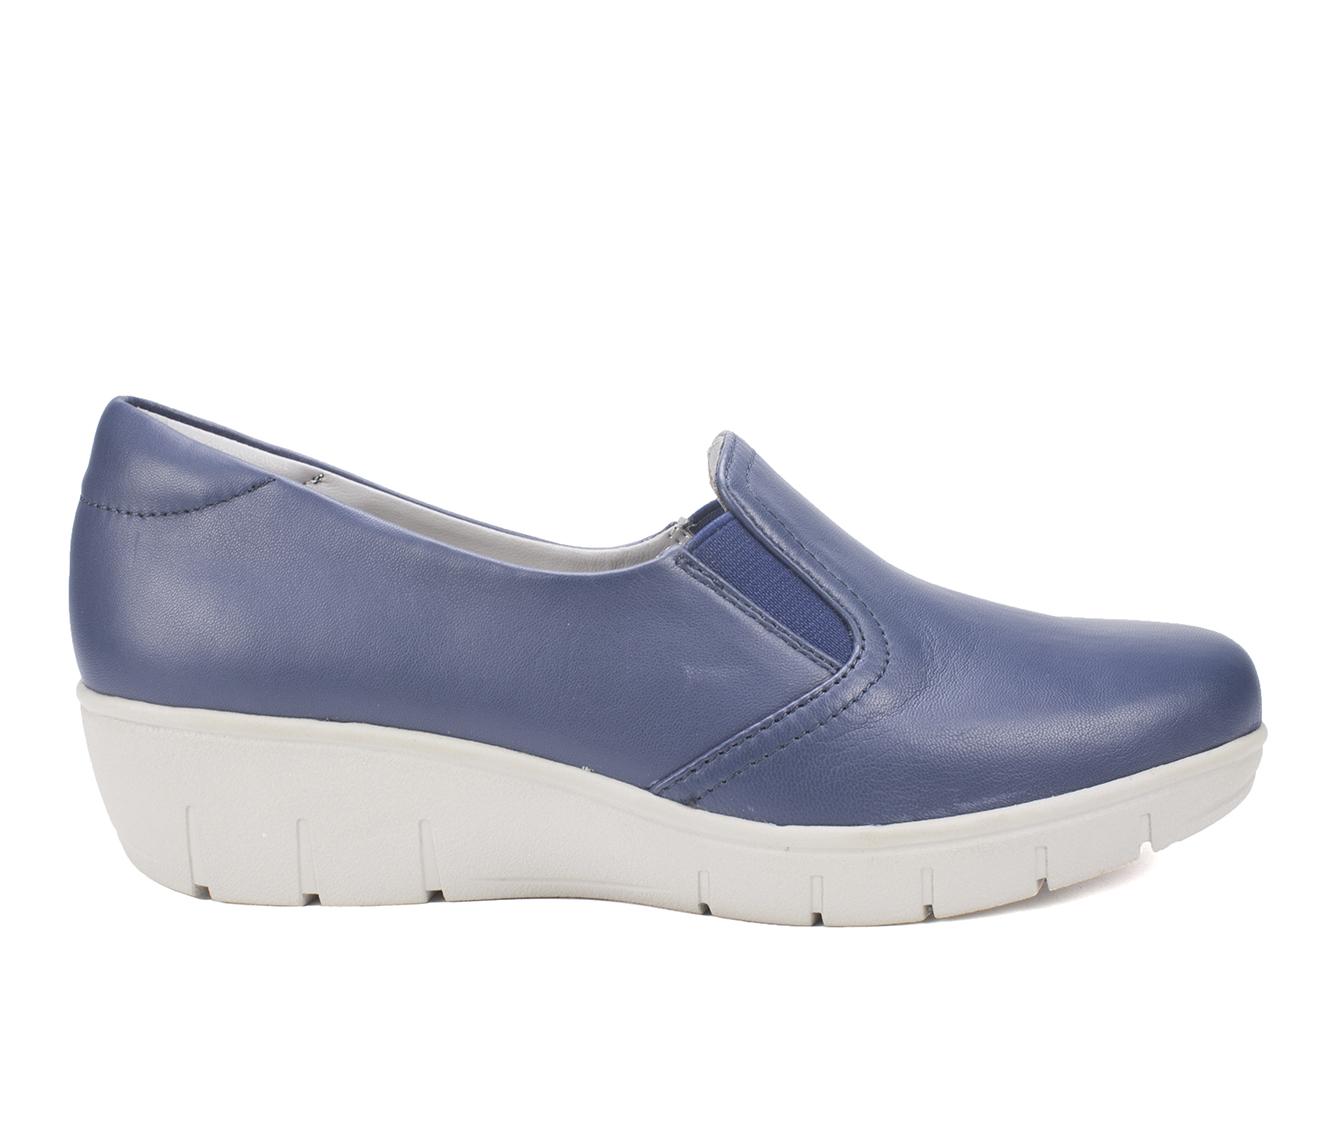 Cliffs Ella Women's Shoe (Blue Leather)